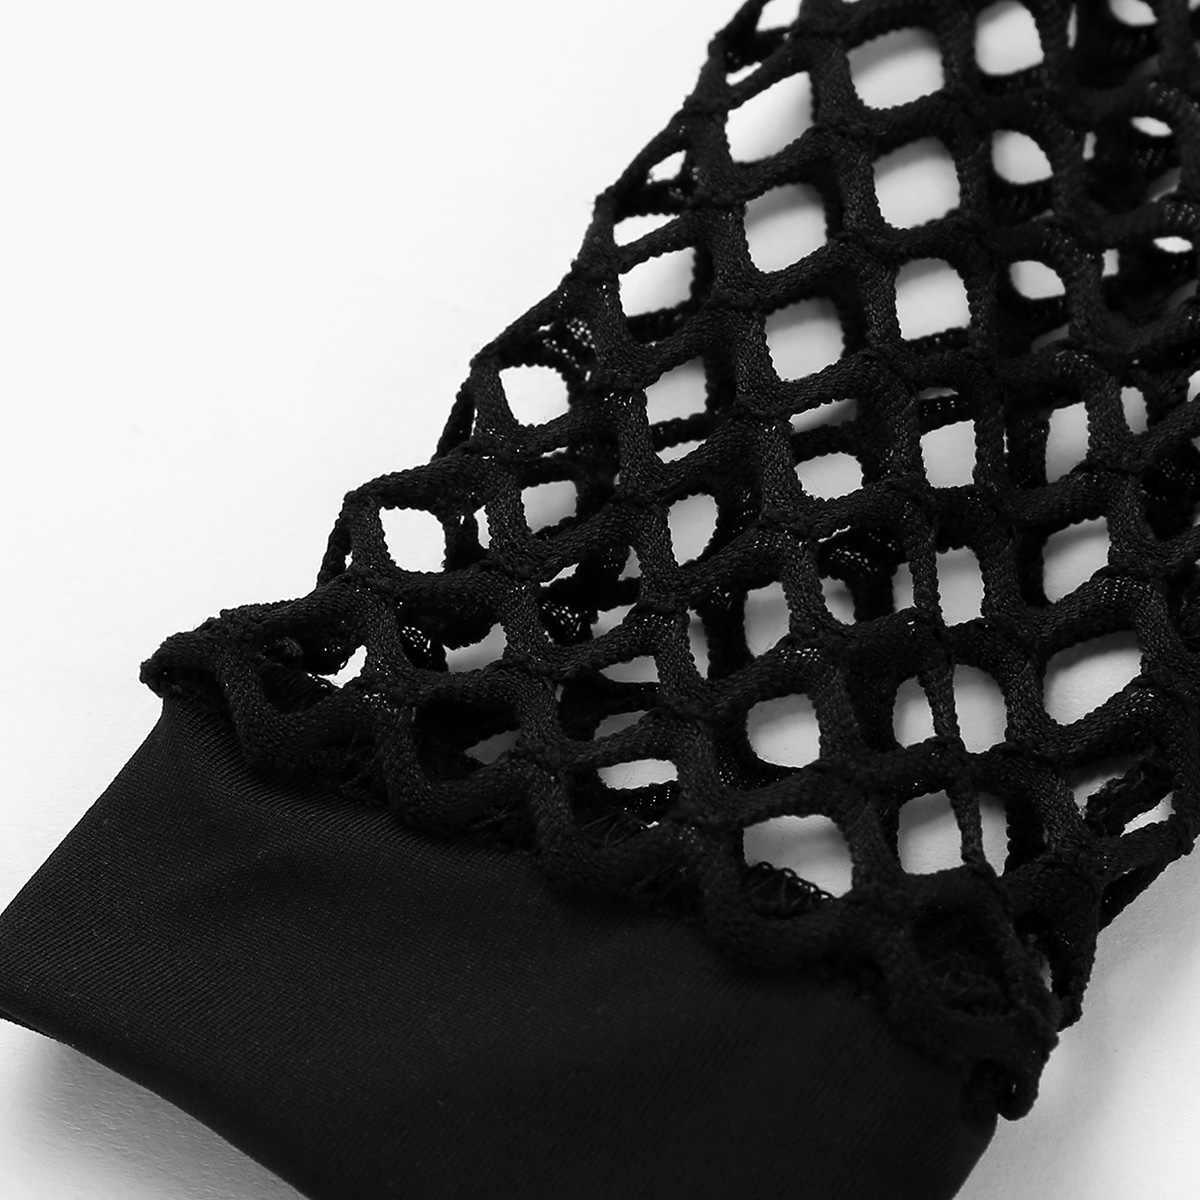 Iiniim, Женская пикантная Клубная одежда, ажурная, открытая, с открытыми плечами, прозрачная, облегающая, Коктейльные, вечерние, костюмы, мини-платье